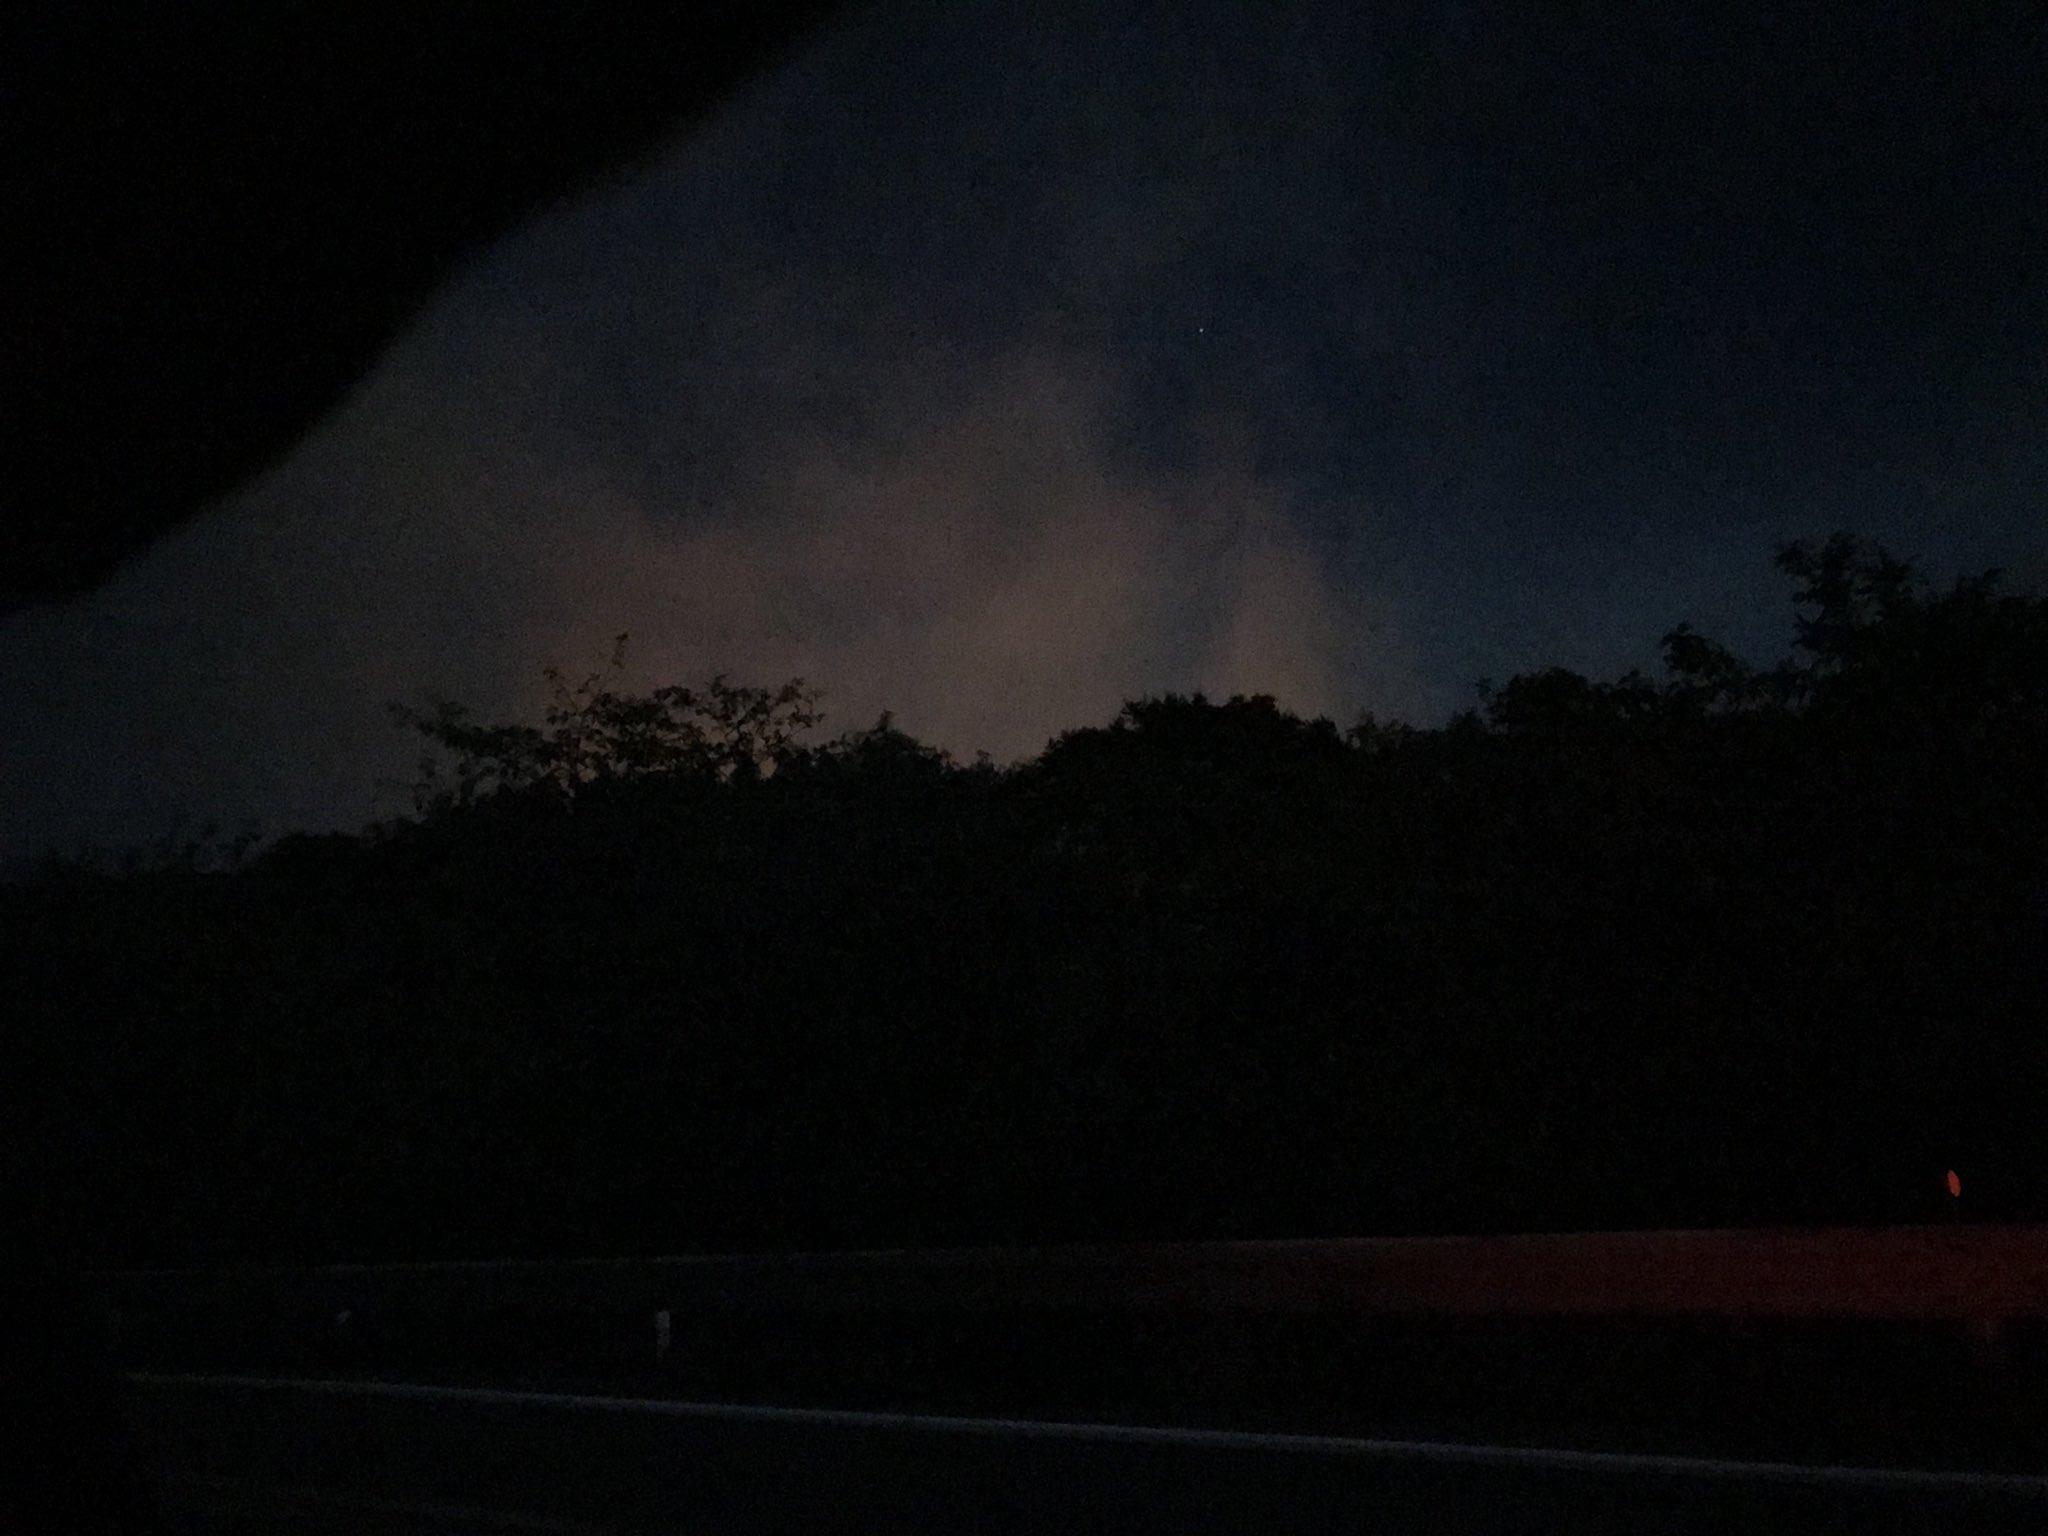 画像,のだはぶ燃えよる!山火事? https://t.co/EPvJc1974r。